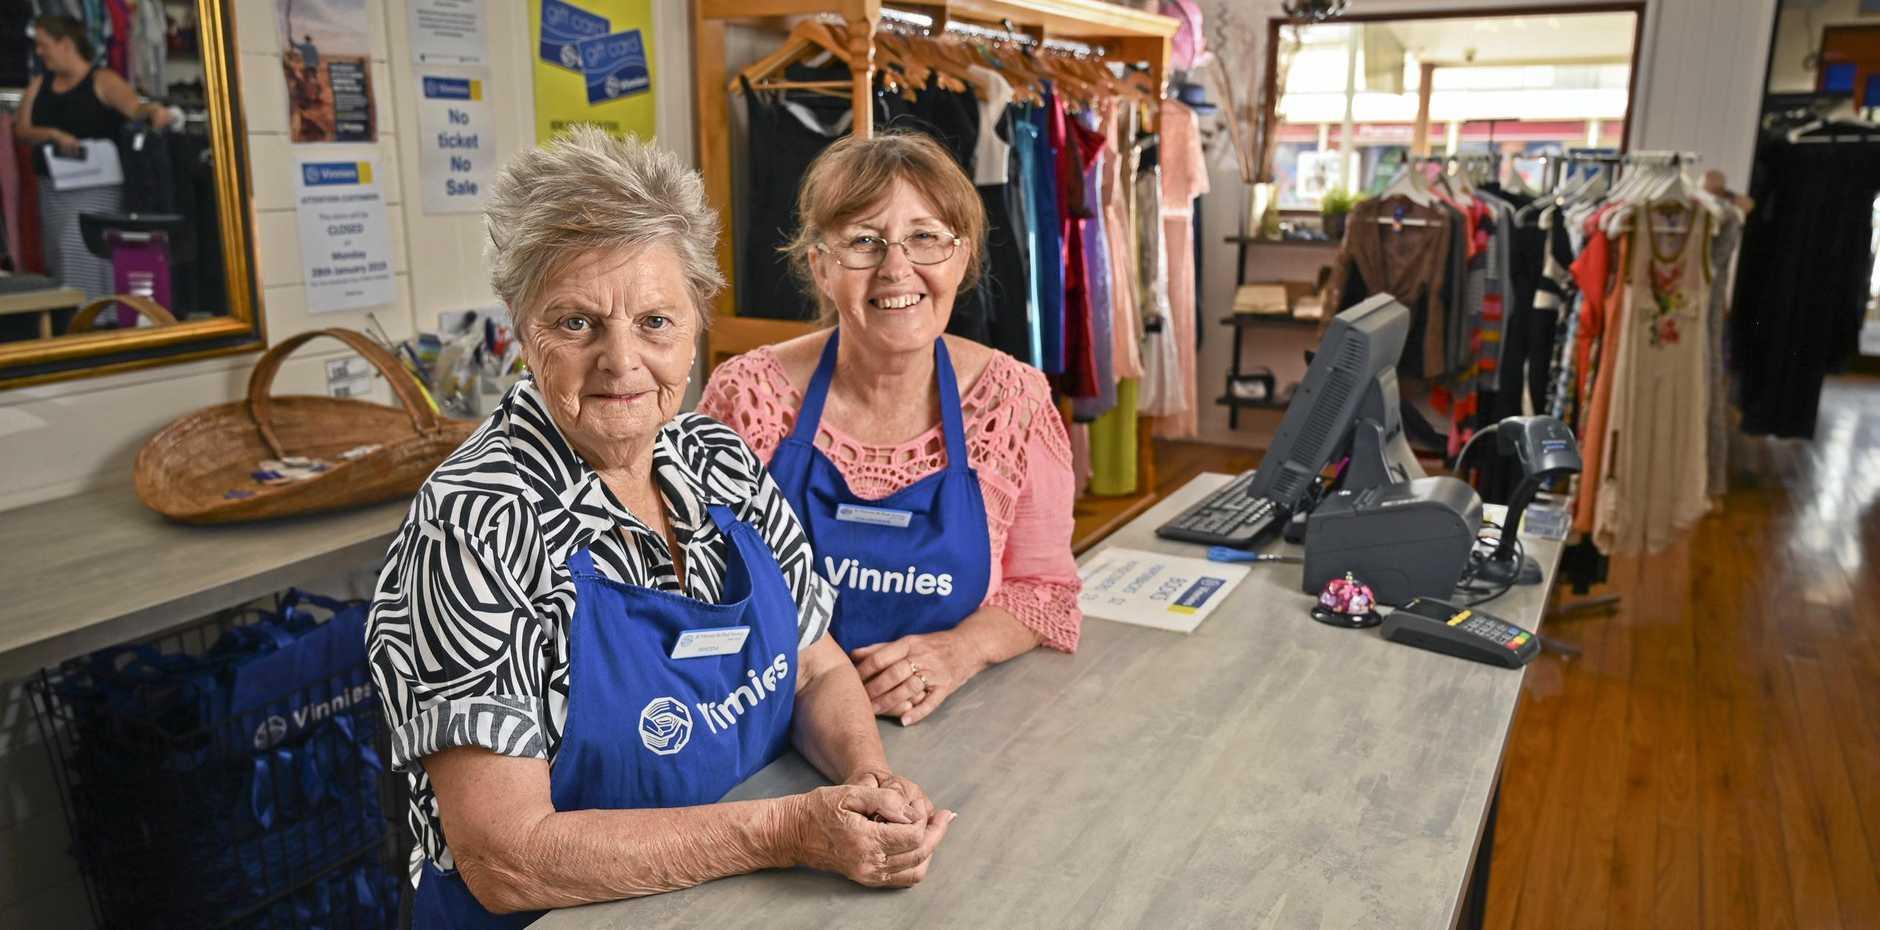 Rhonda Murray and Teresa Rasmussen, Rosewood Vinnies volunteers.